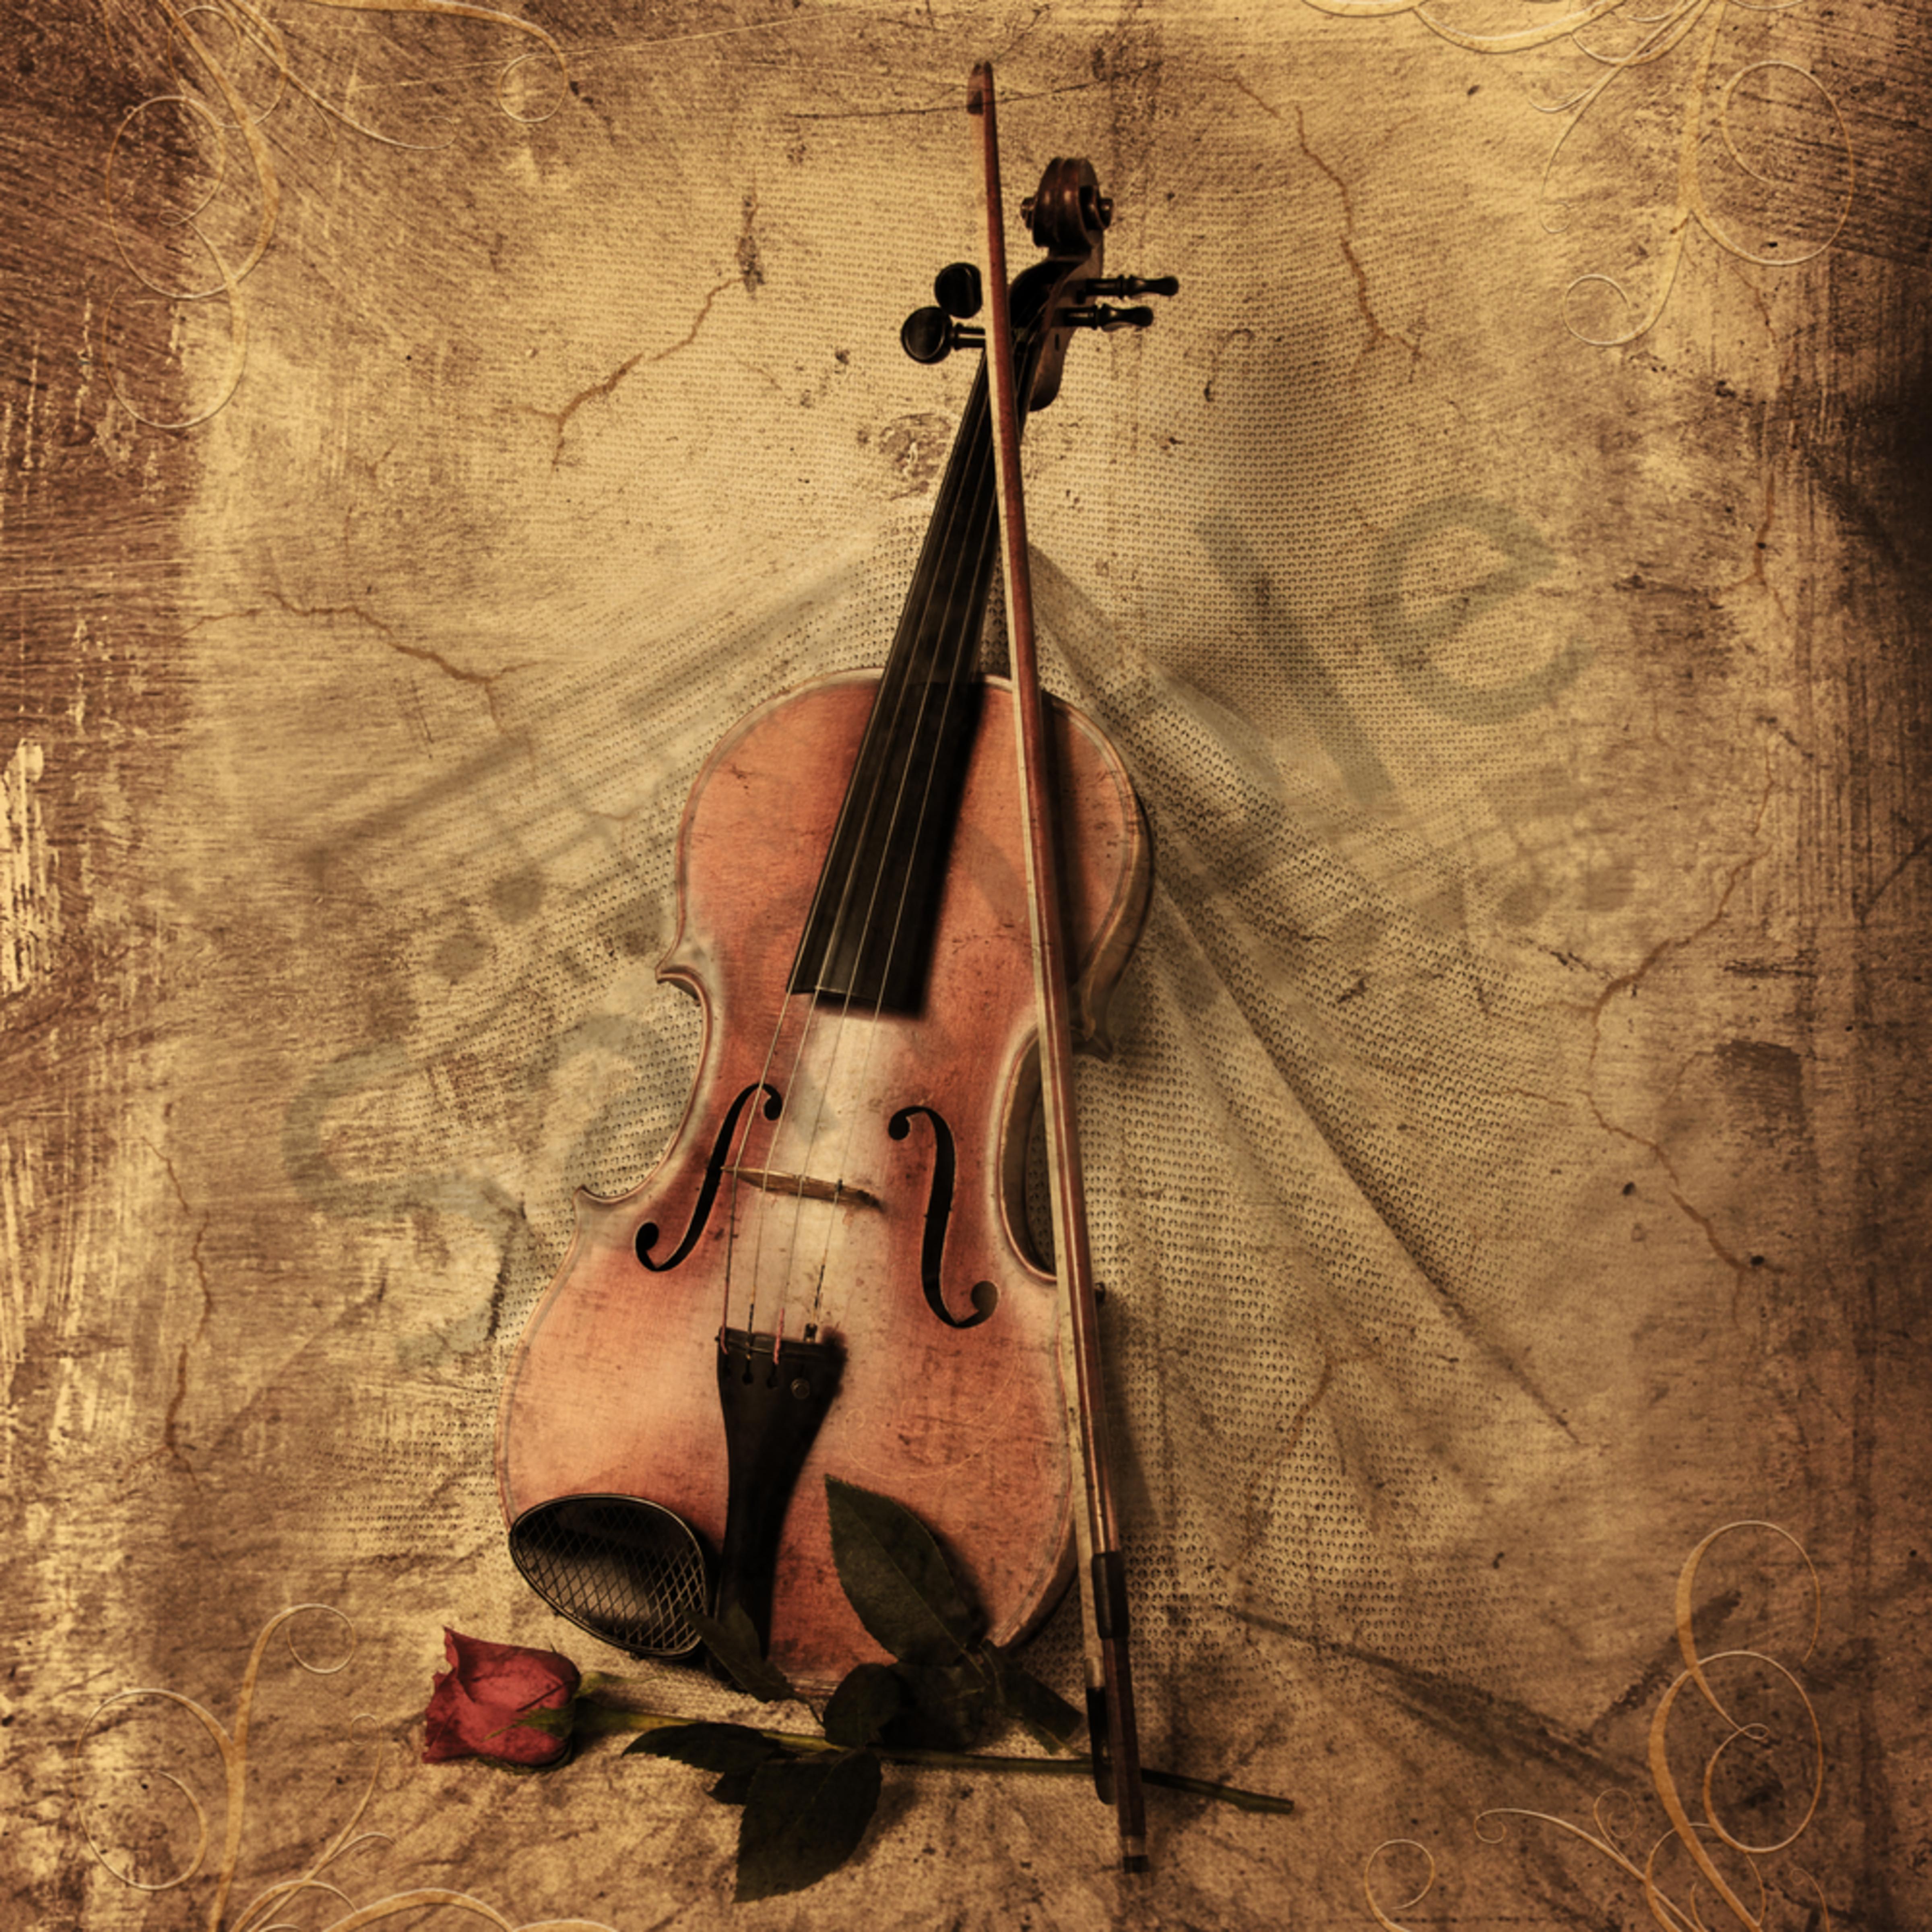 Violinart final f3j779